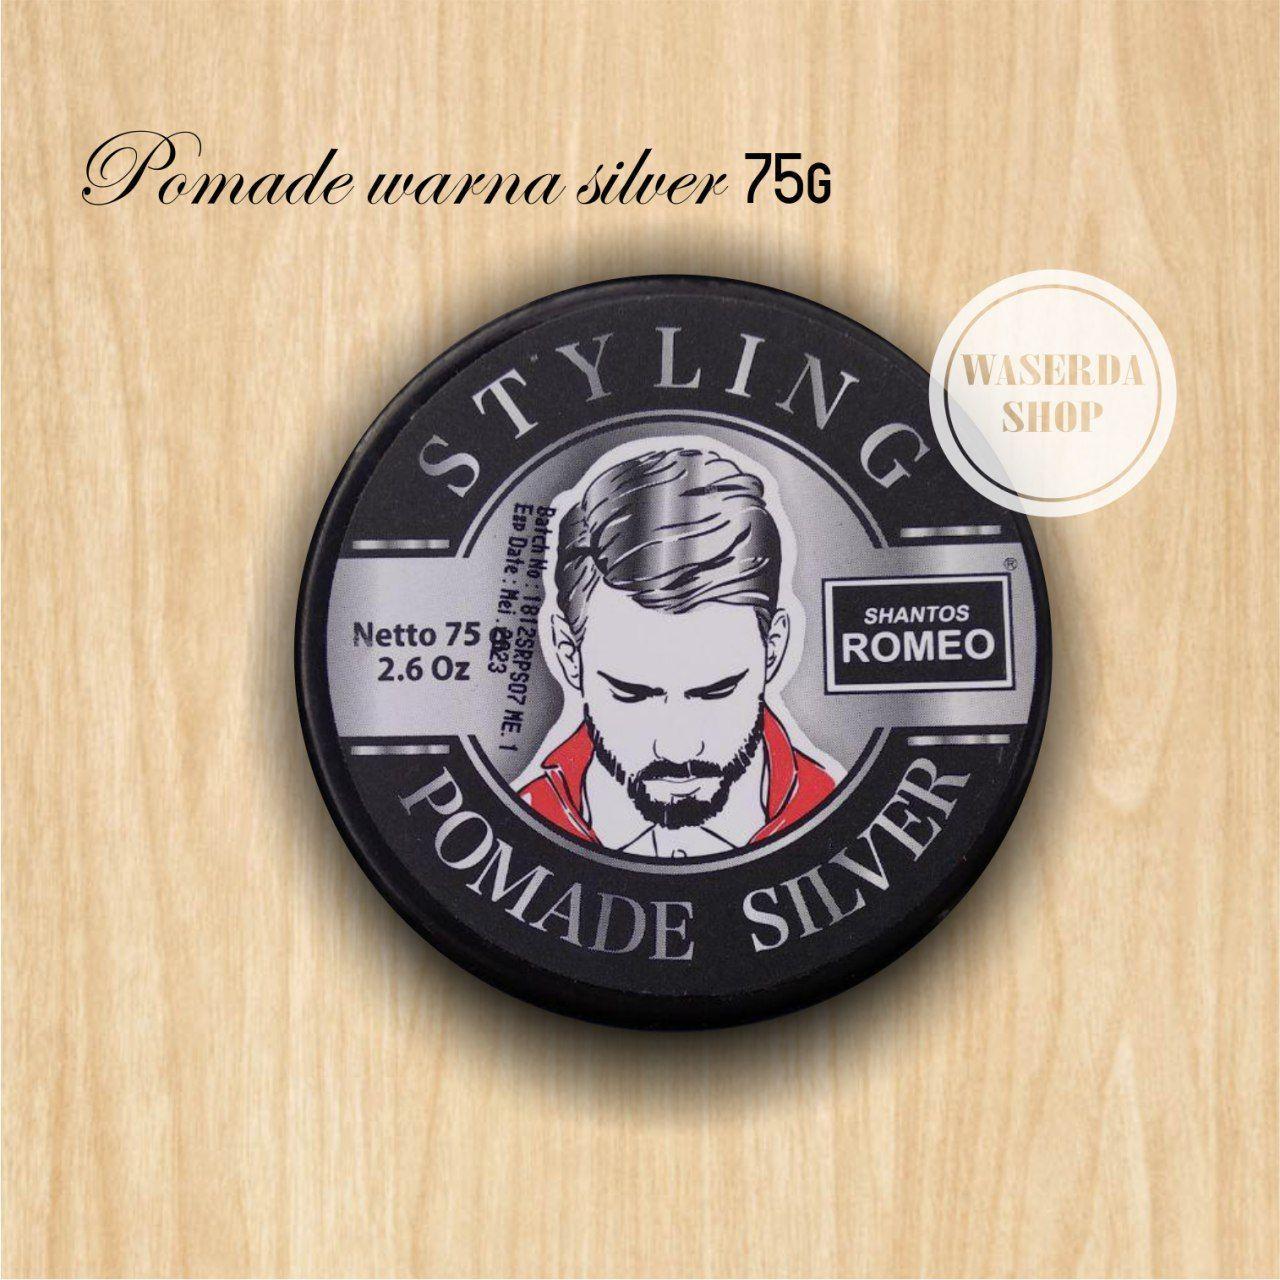 Shantos Romeo Styling Pomade Produk Terbaik Wiki Harga Classic Oilbased Oil Based Free Sisir Saku Hair Wax Minyak Rambut Warna Silver 75g